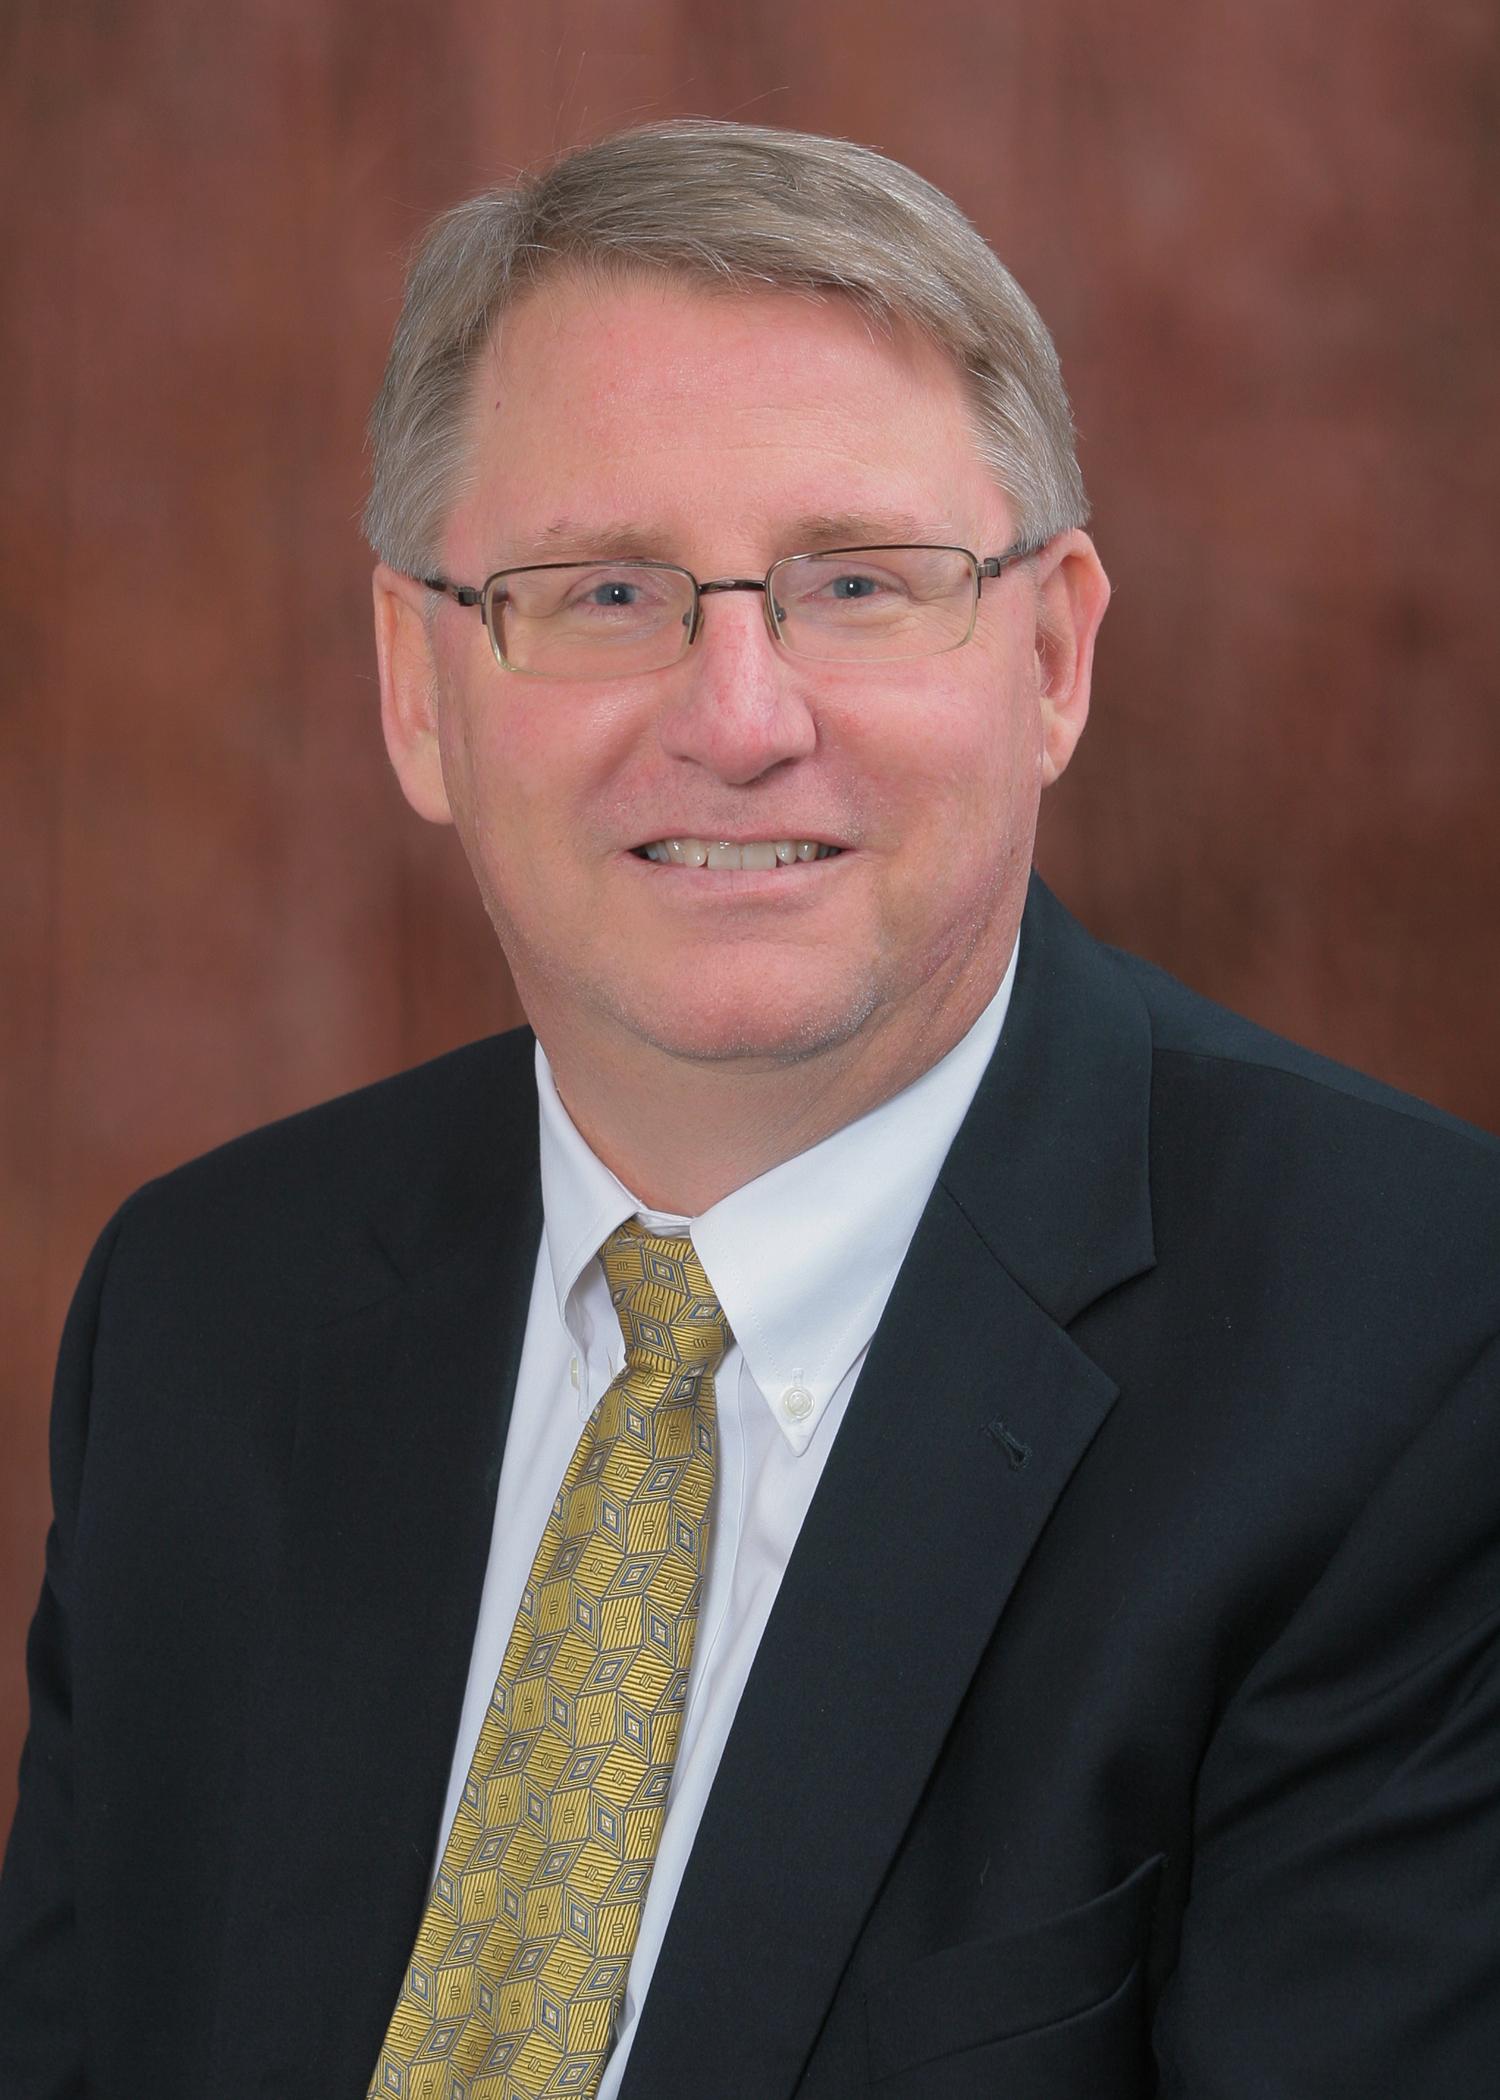 Jeffrey A. McPherson, CPA